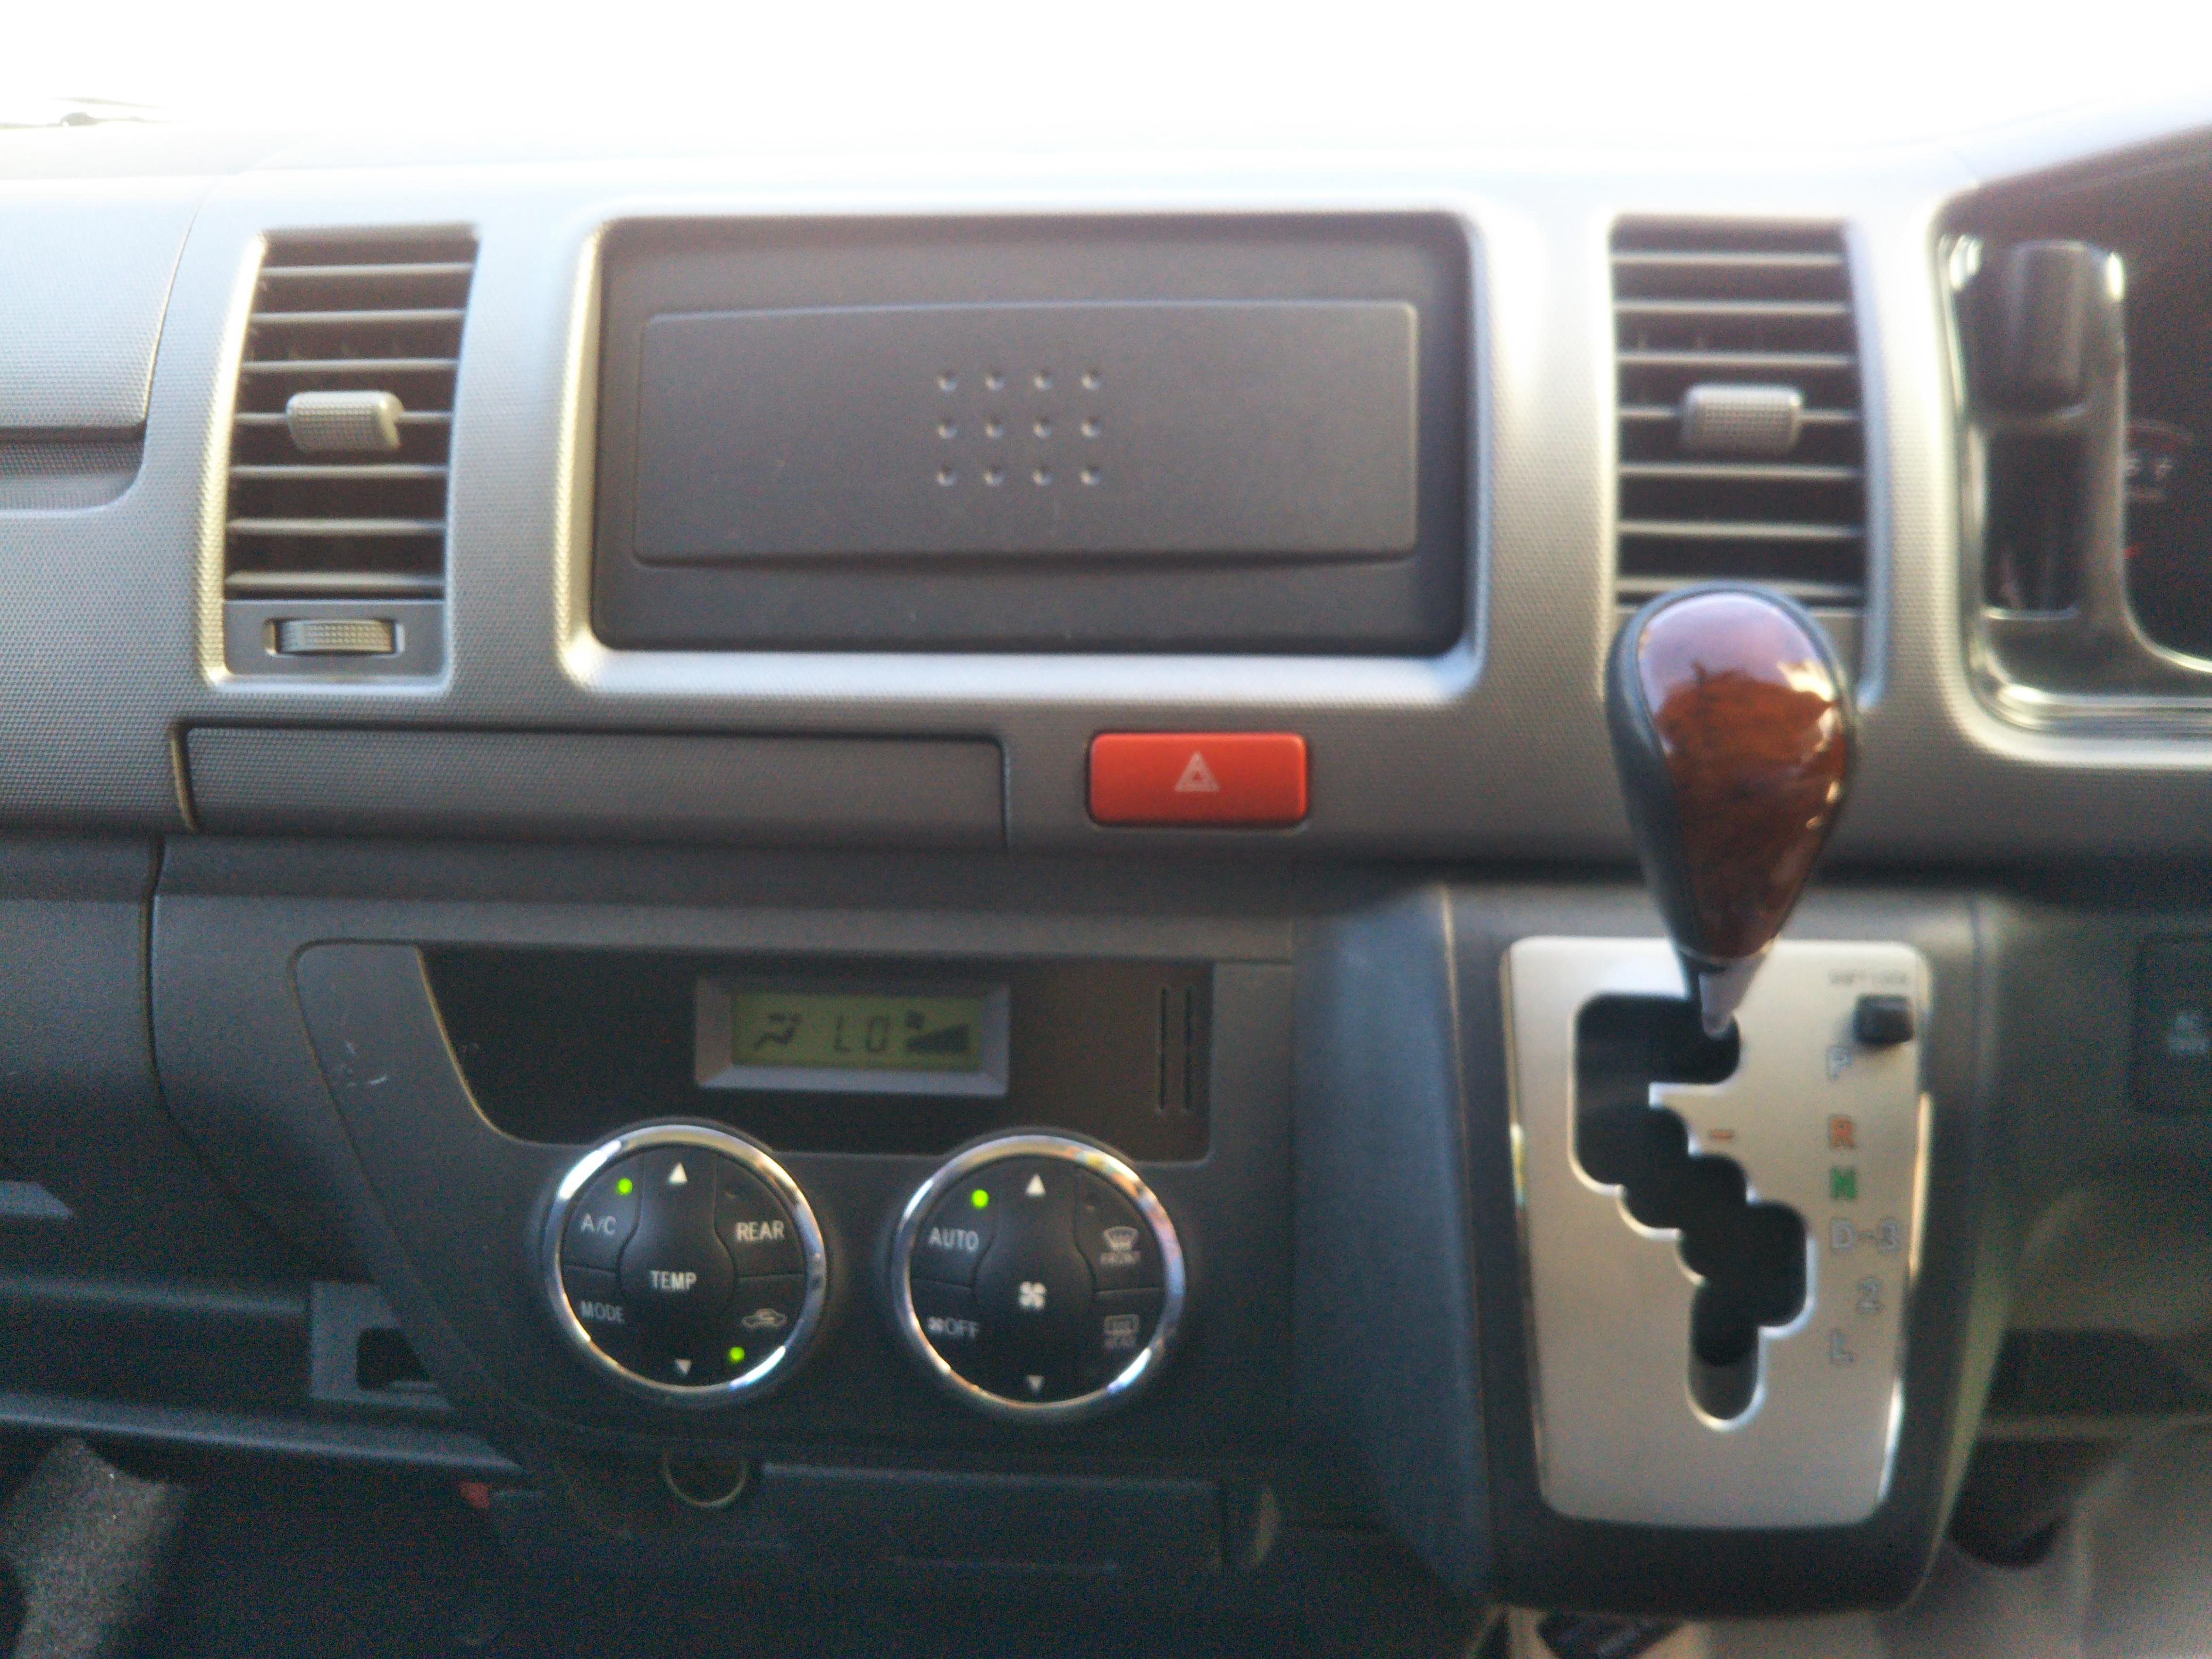 トヨタハイエースバンⅢ型 5ドアロングスーパーGLの車両写真 その10